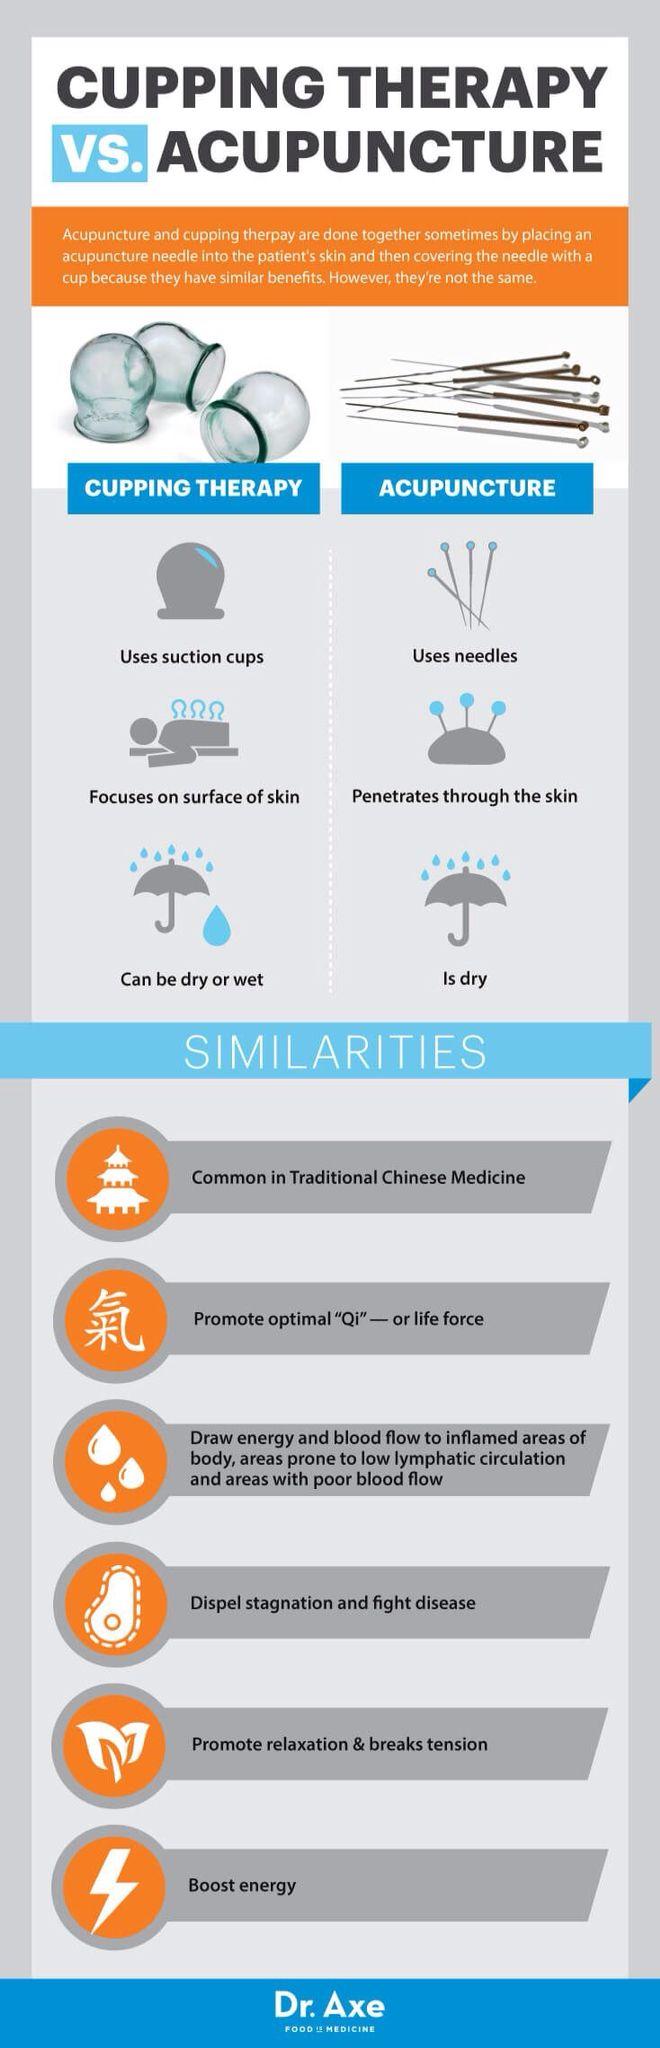 Bańki, a akupunktura. Co jest lepsze? A może stosować razem? Podobieństwa i różnice.